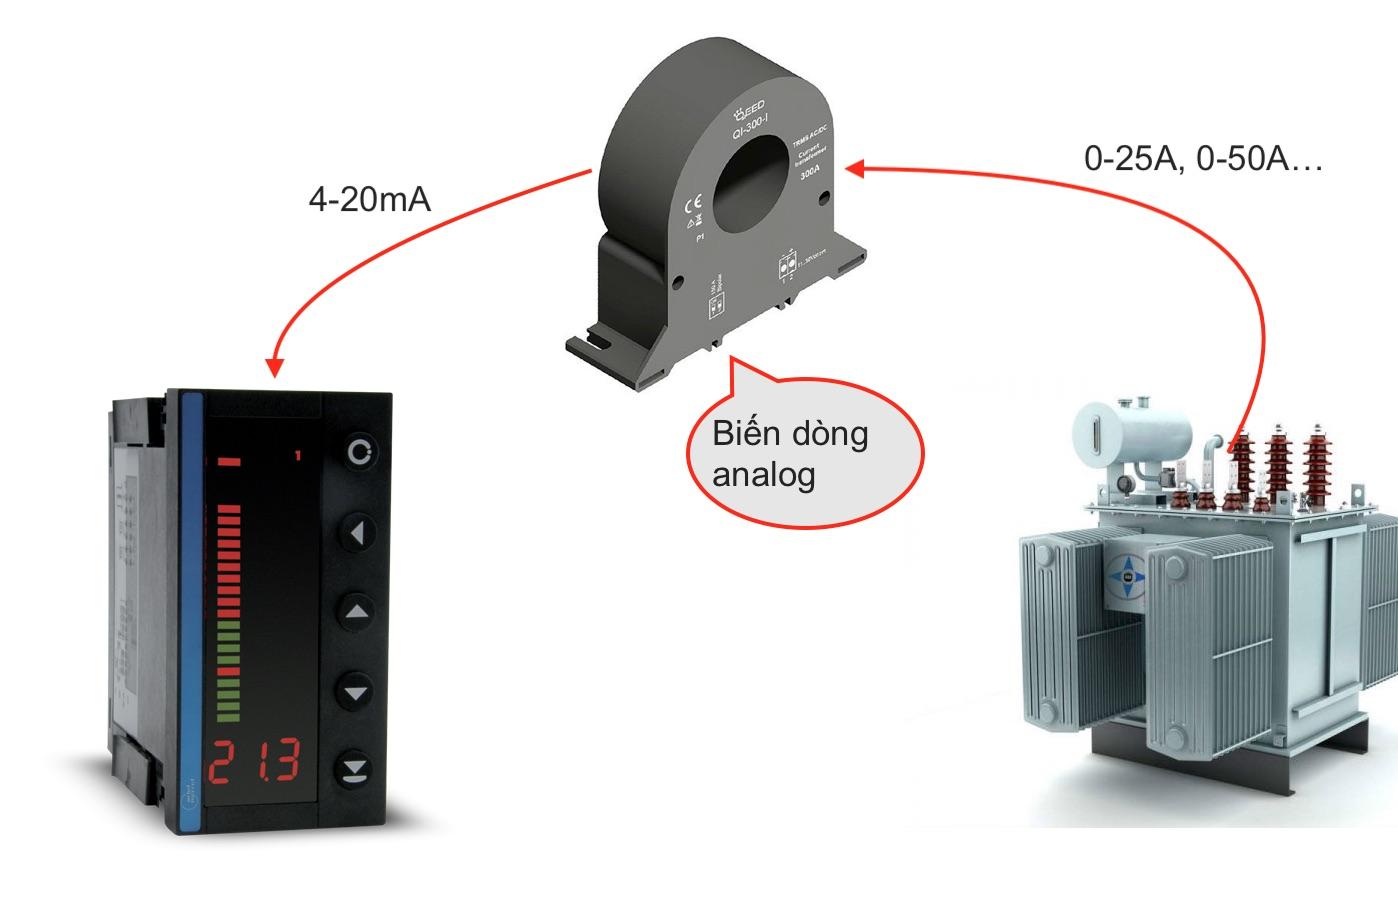 Ứng dụng biến dòng ngõ ra tín hiệu 4-20mA